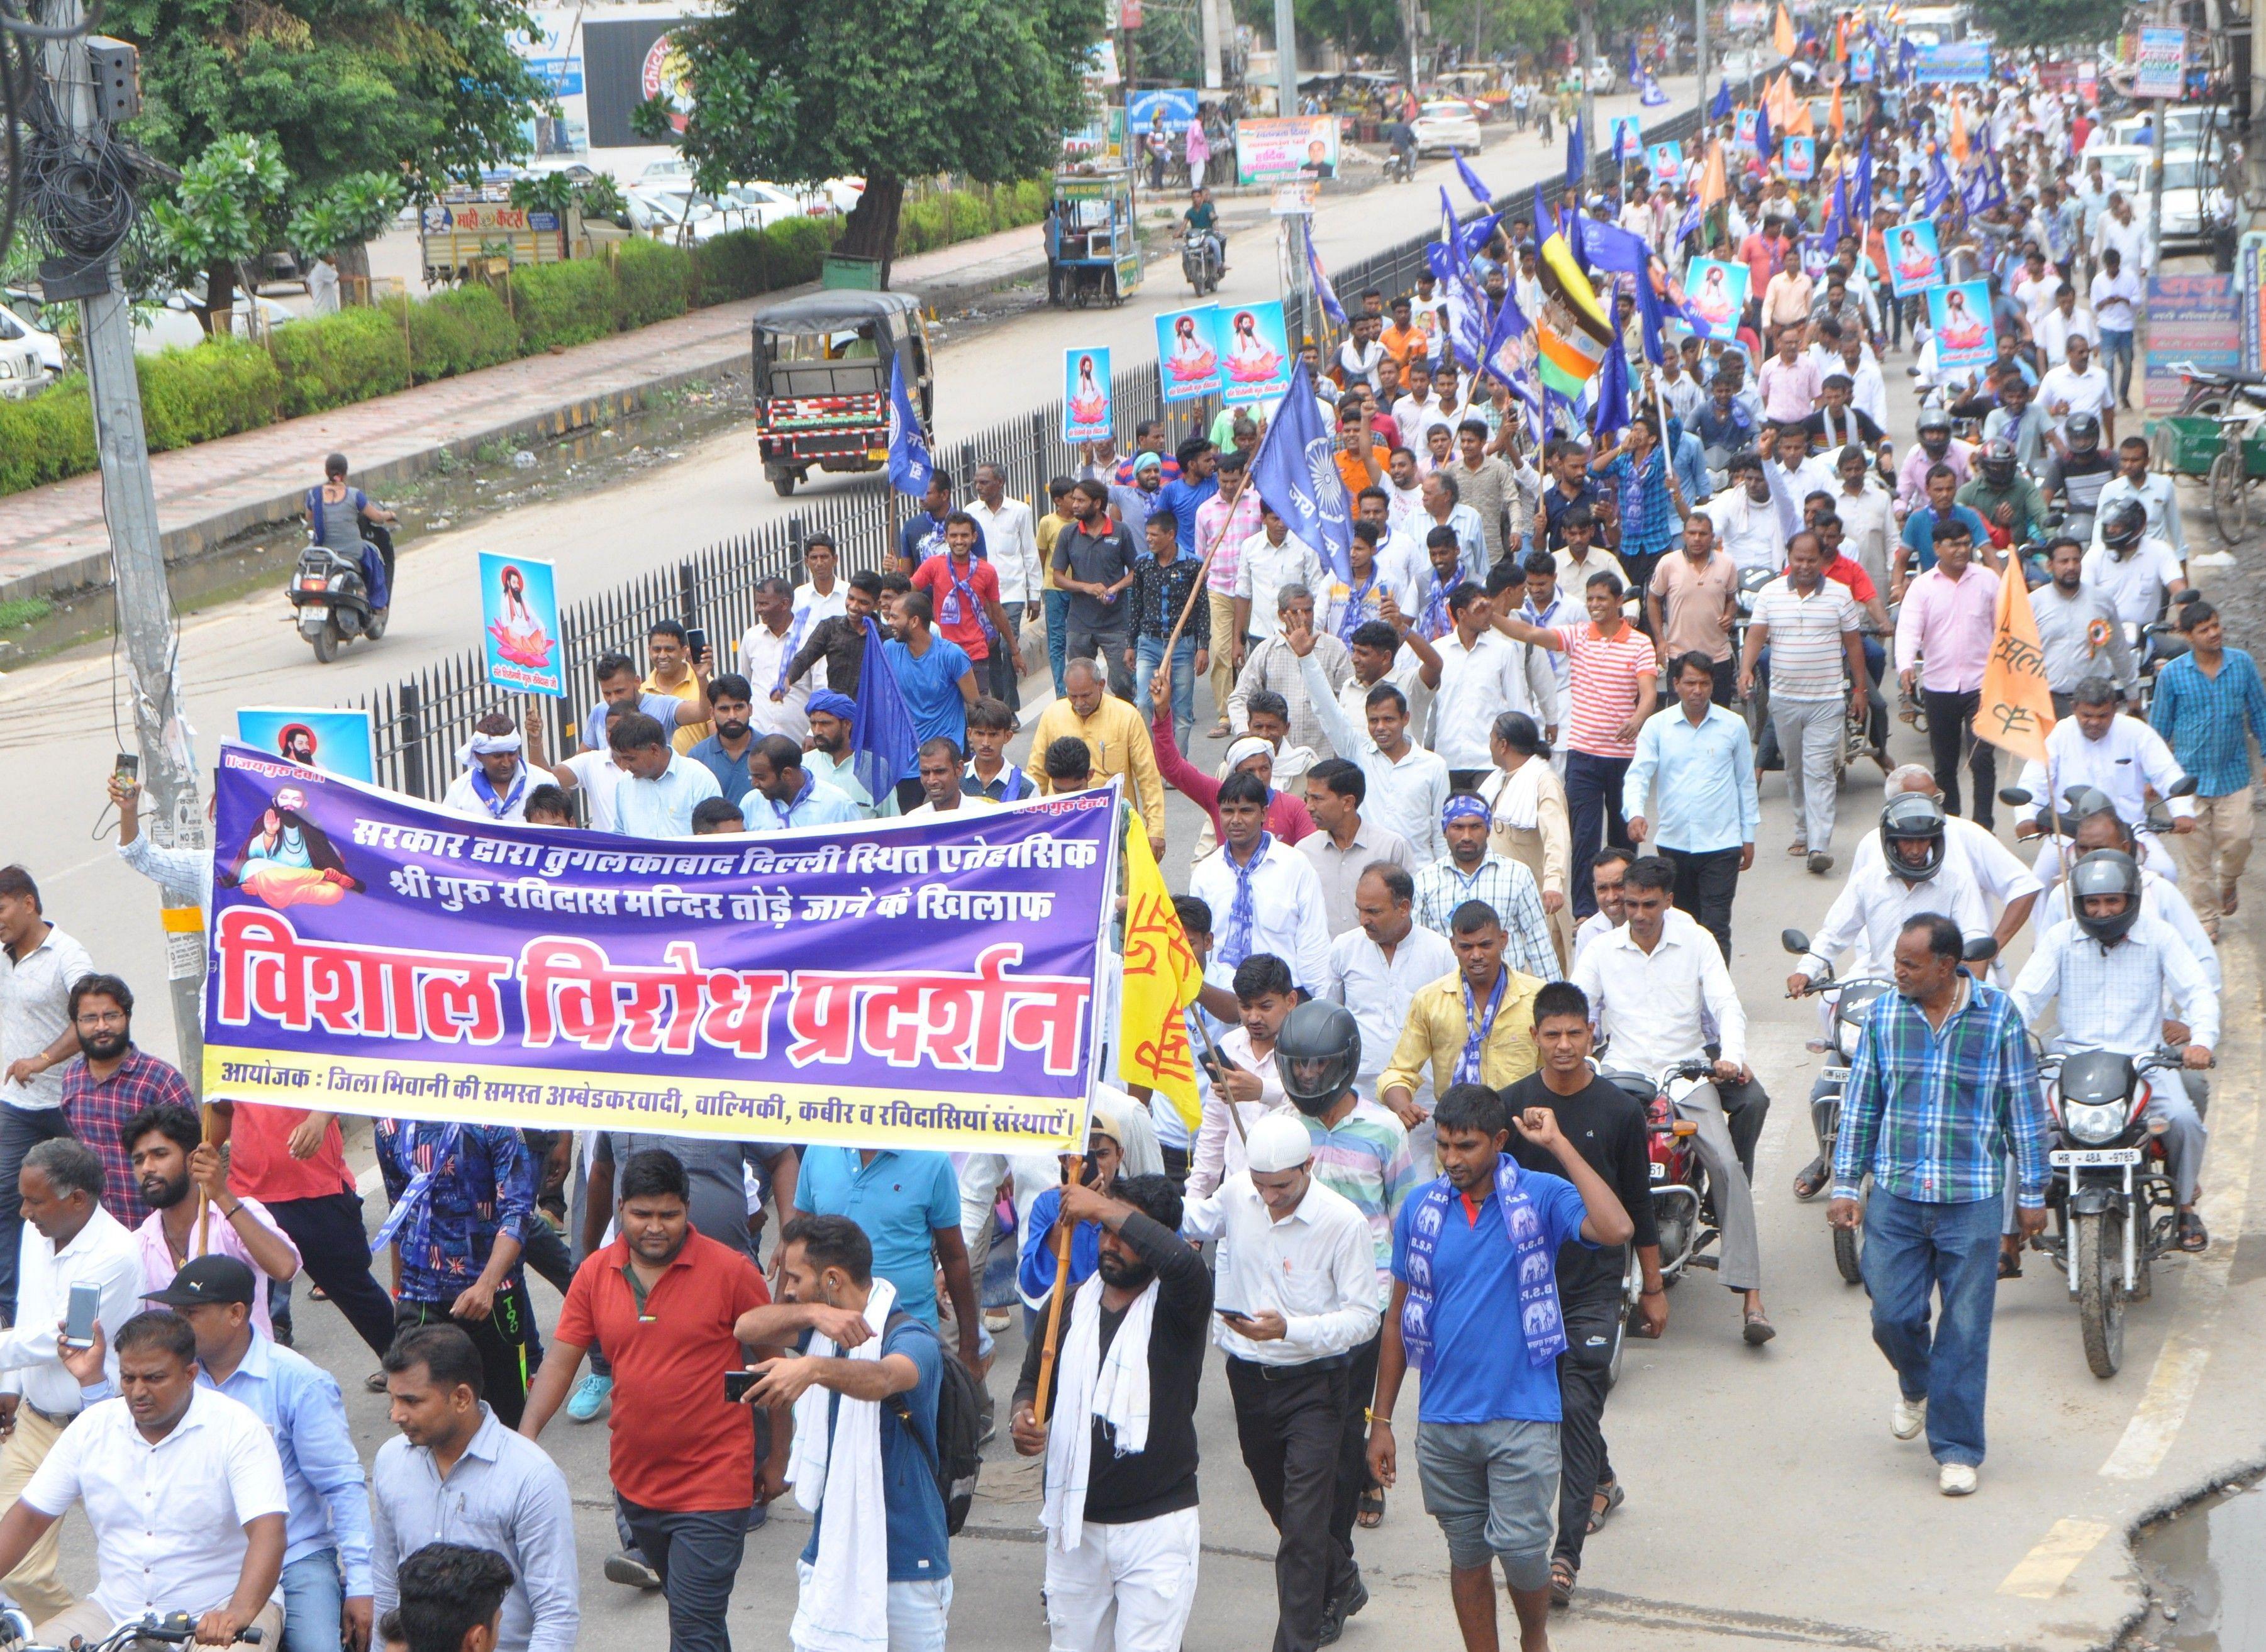 08 दिल्ली में रविदास मंदिर को तोड़ने के विरोध में प्रदर्शन करते हुए लोग।